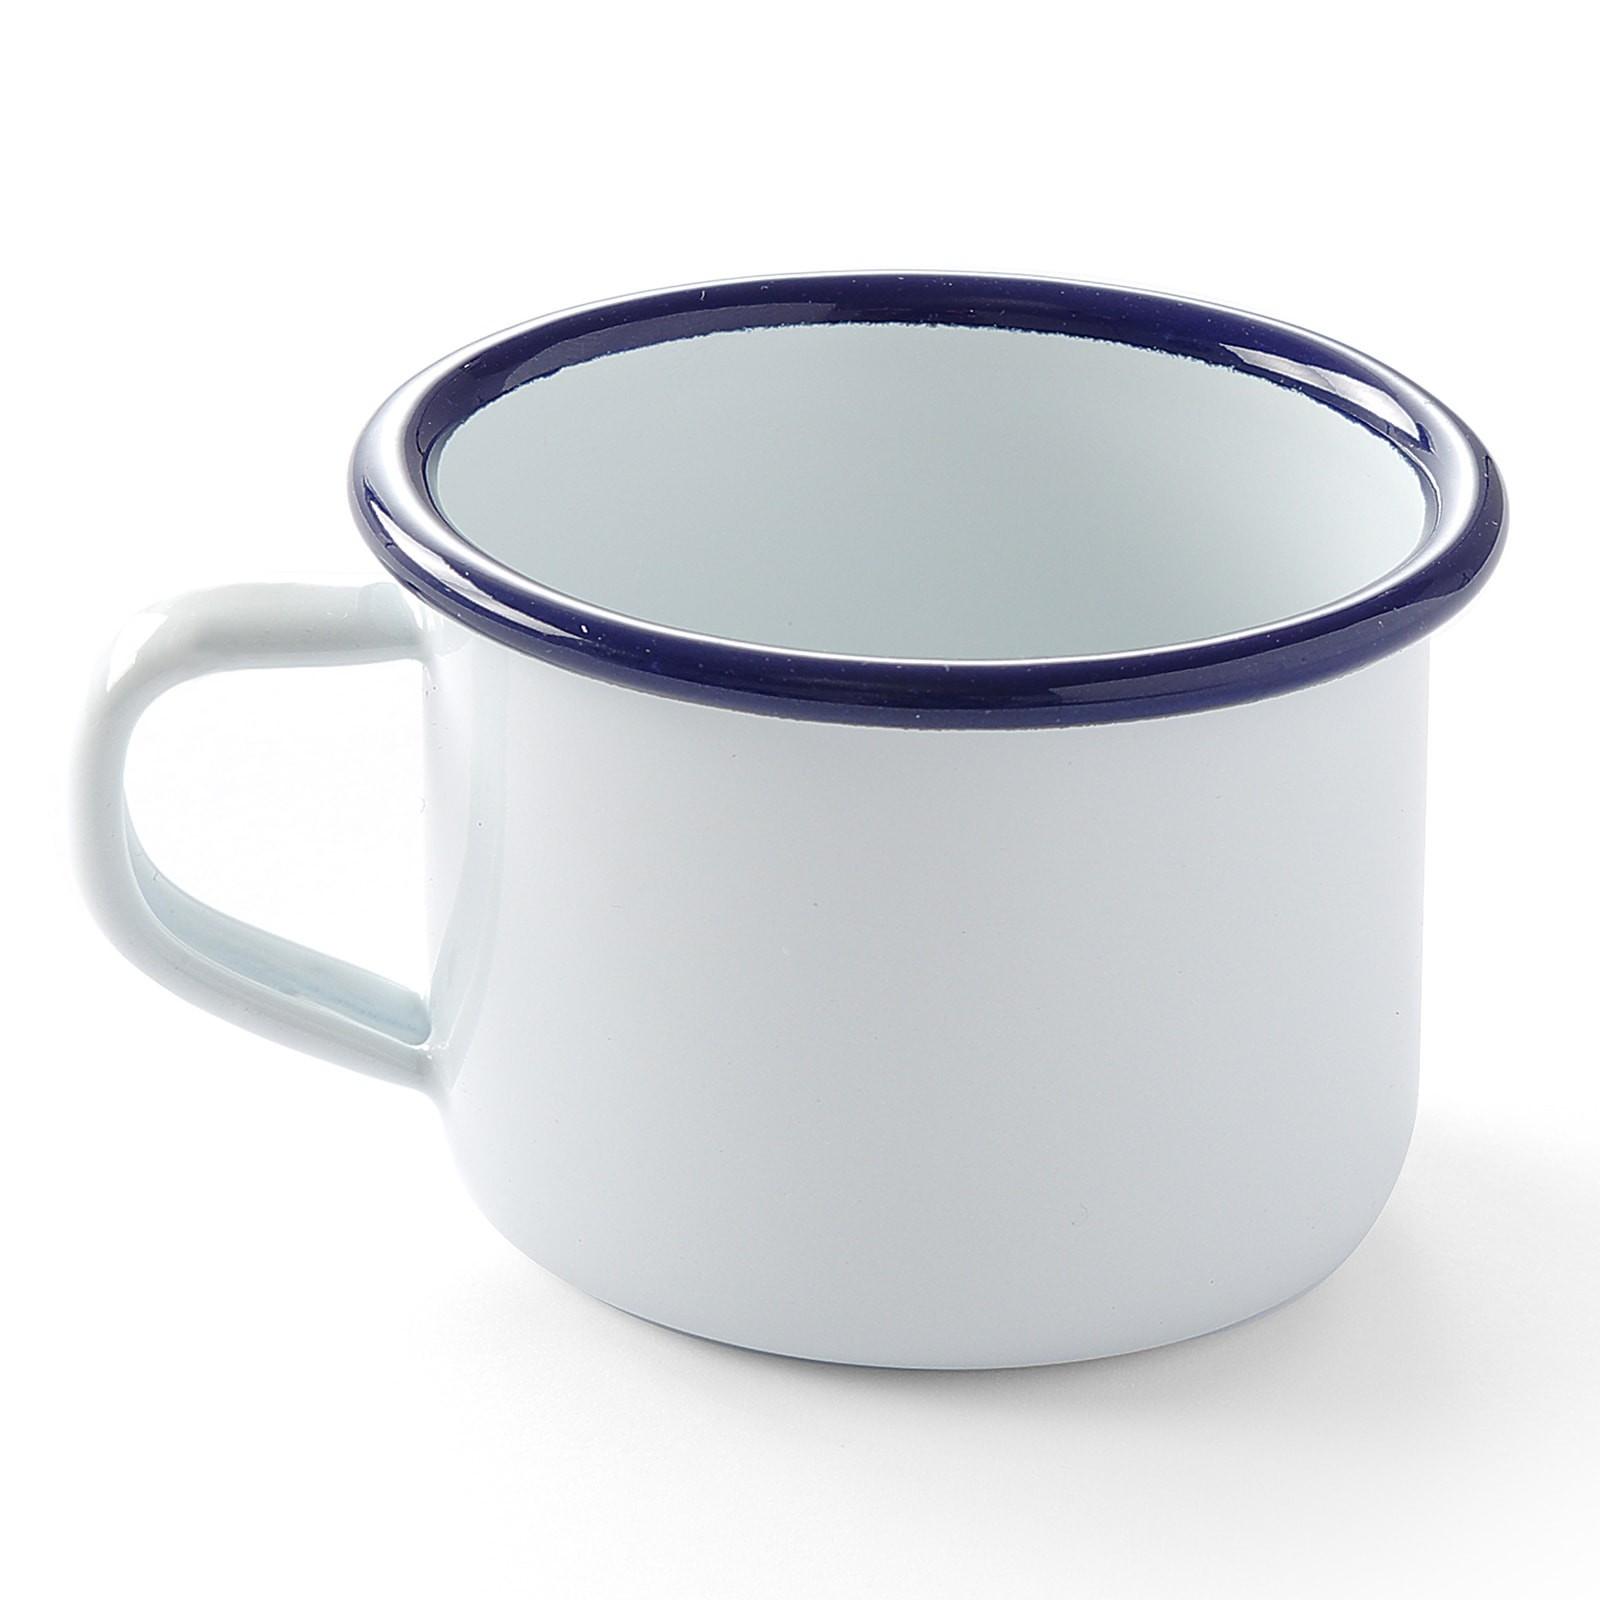 Κούπα Εμαγίε Λευκή 520ml Hendi home   ειδη cafe τσαϊ   κούπες   φλυτζάνια